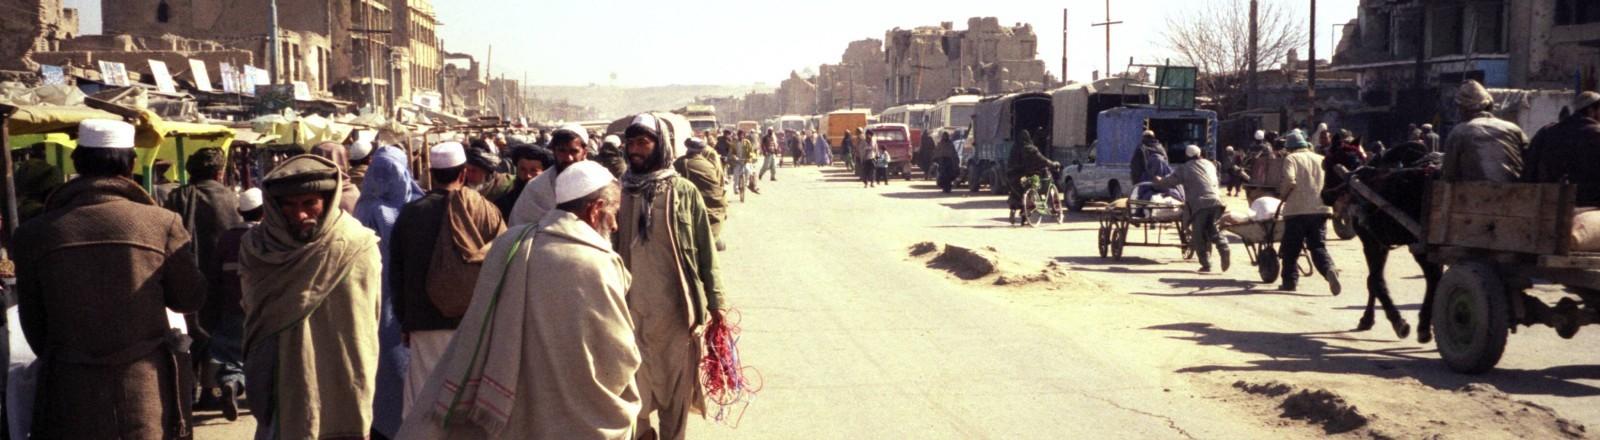 Ein Stadtteil von Kabul in 2001 - kontrolliert von Taliban